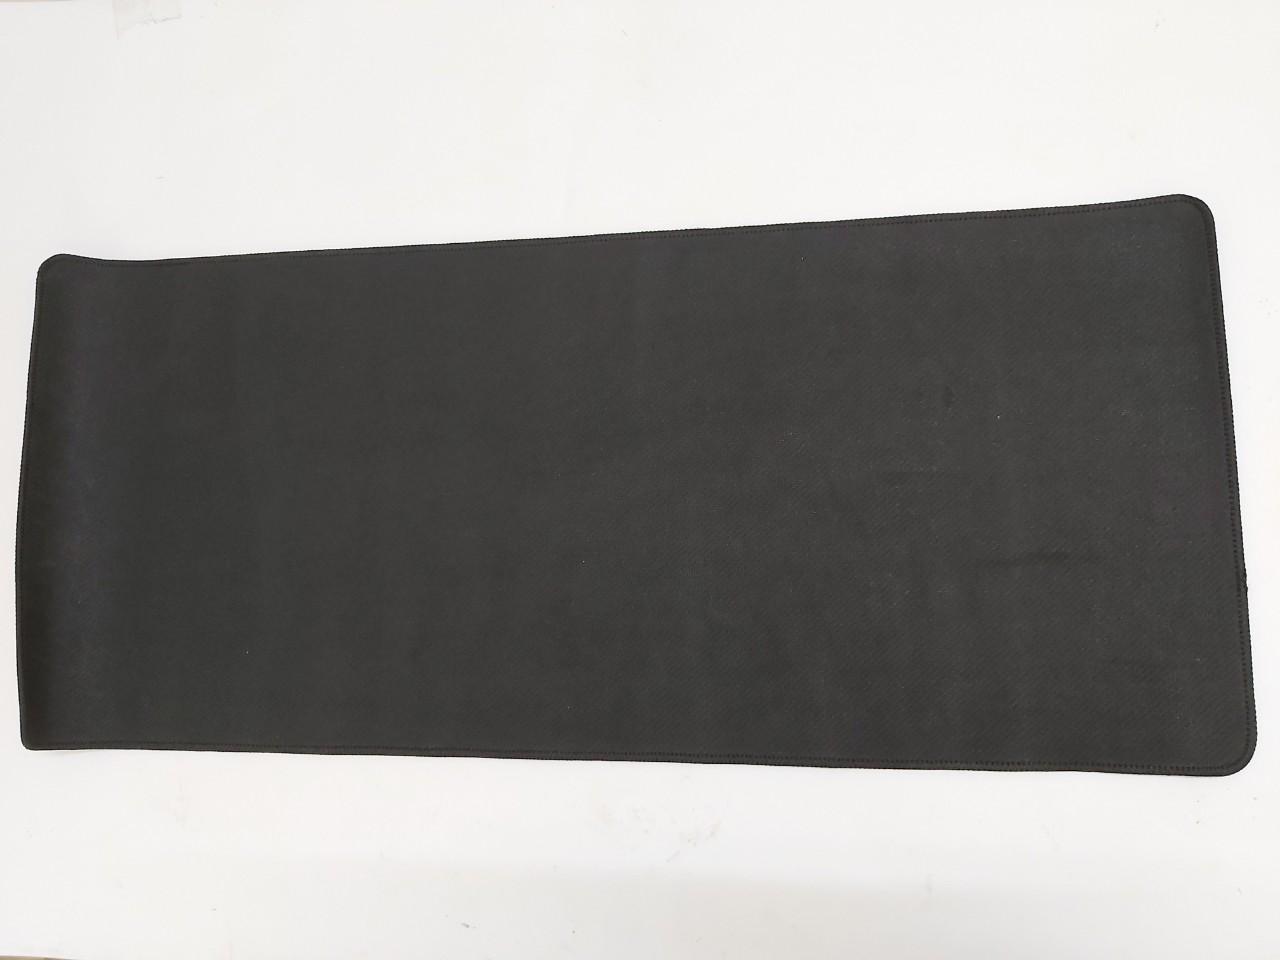 Bàn di chuột cỡ lớn Playergame 30x70cm